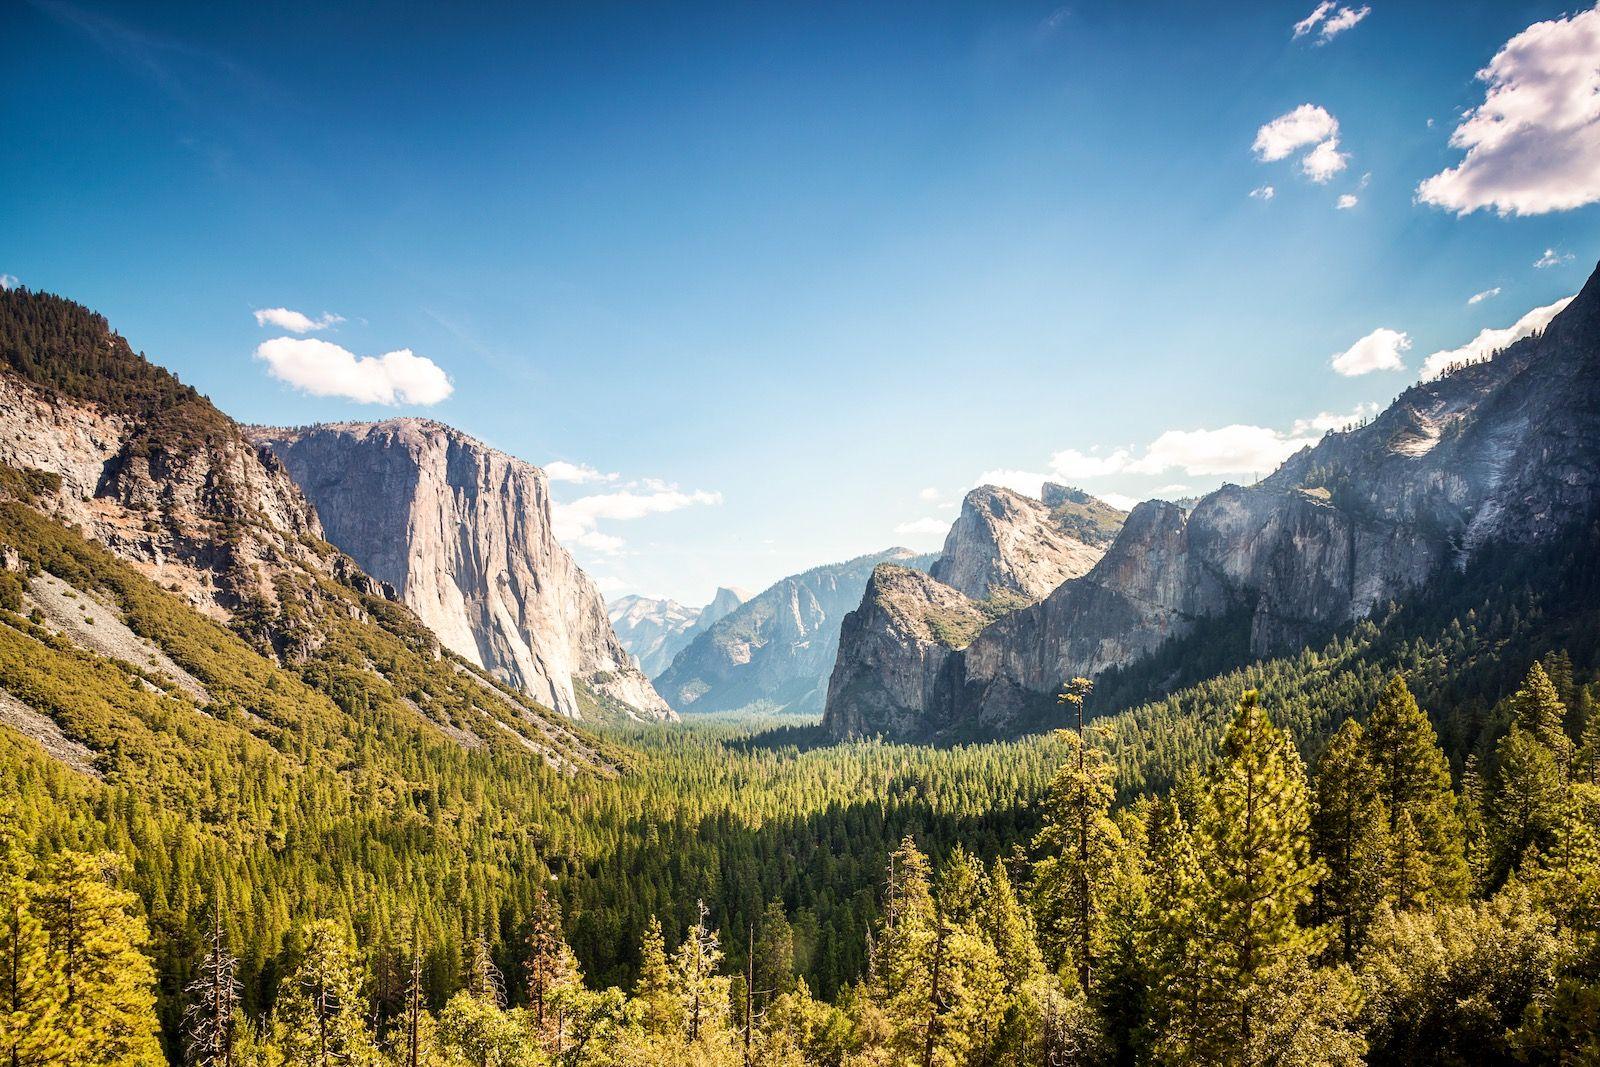 Yosemite Valley California landscape destination